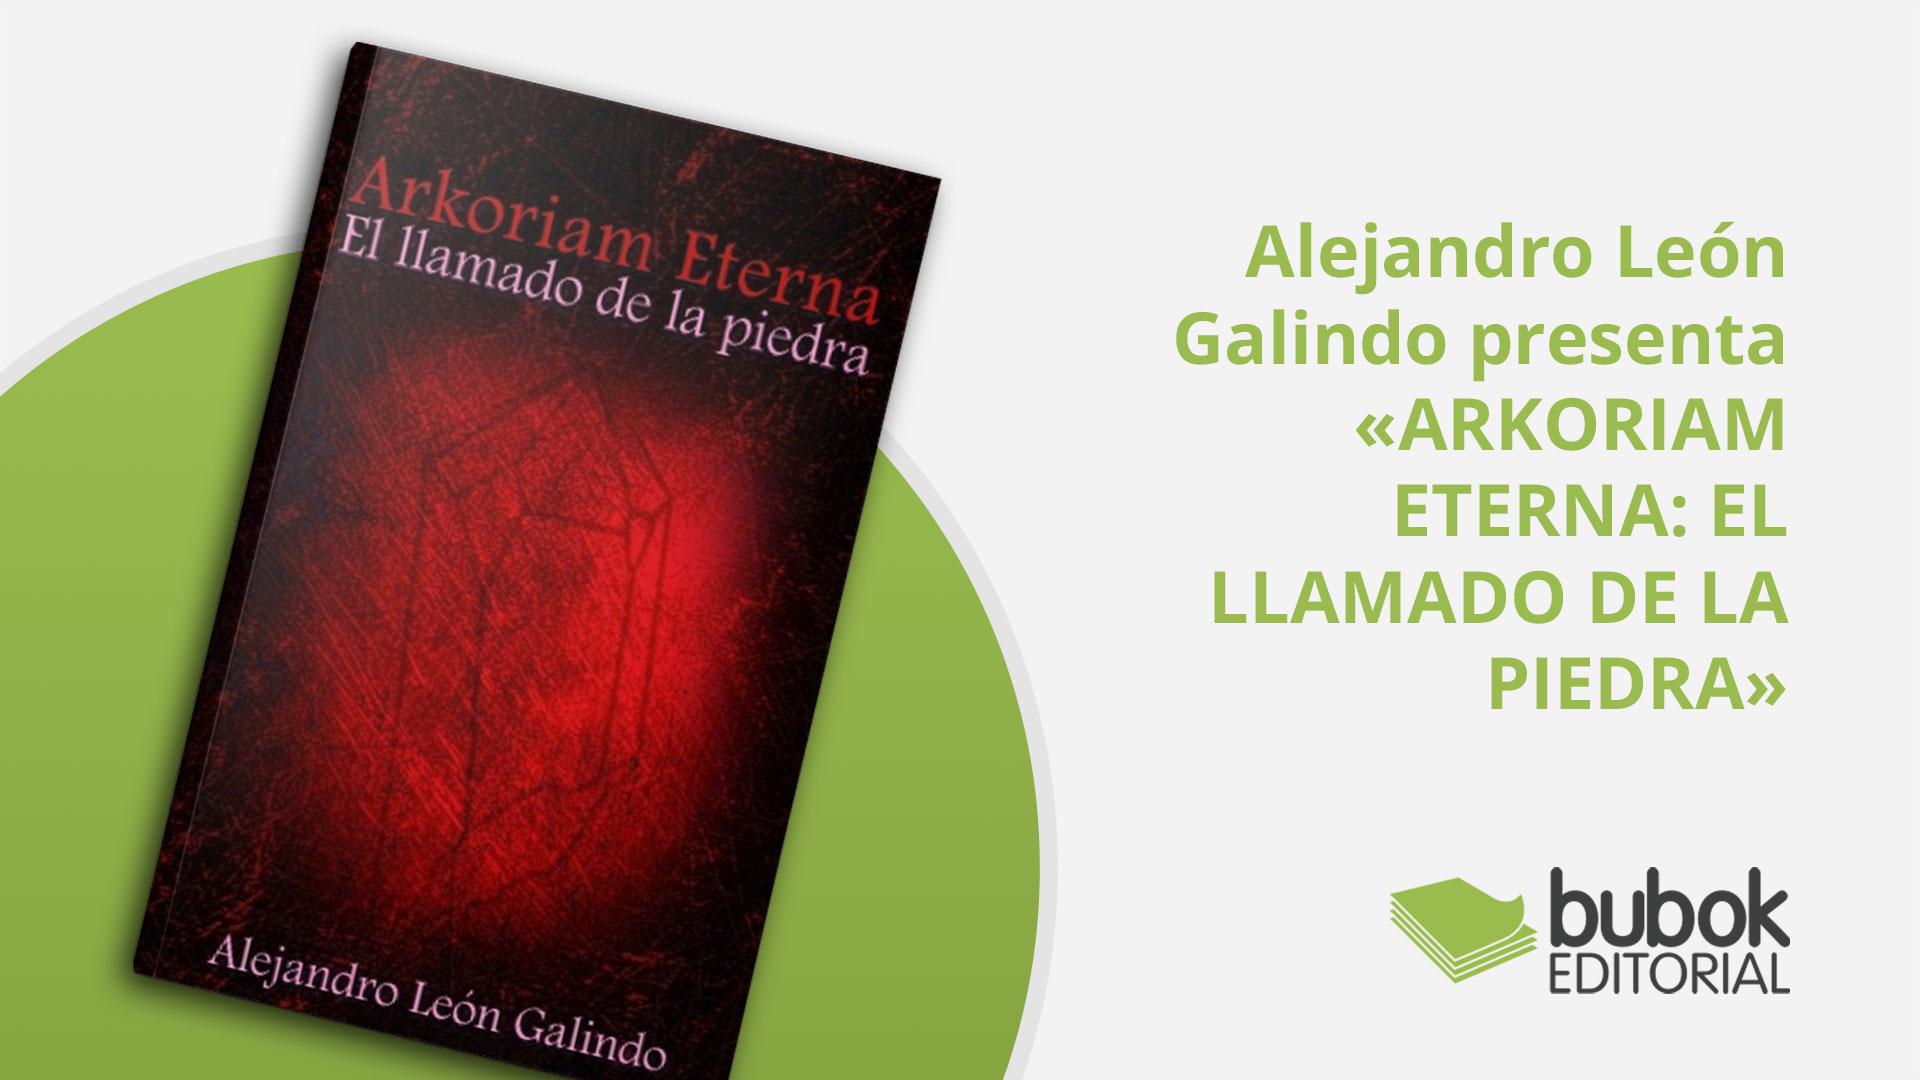 Alejandro León Galindo presenta«ARKORIAM ETERNA: EL LLAMADO DE LA PIEDRA»